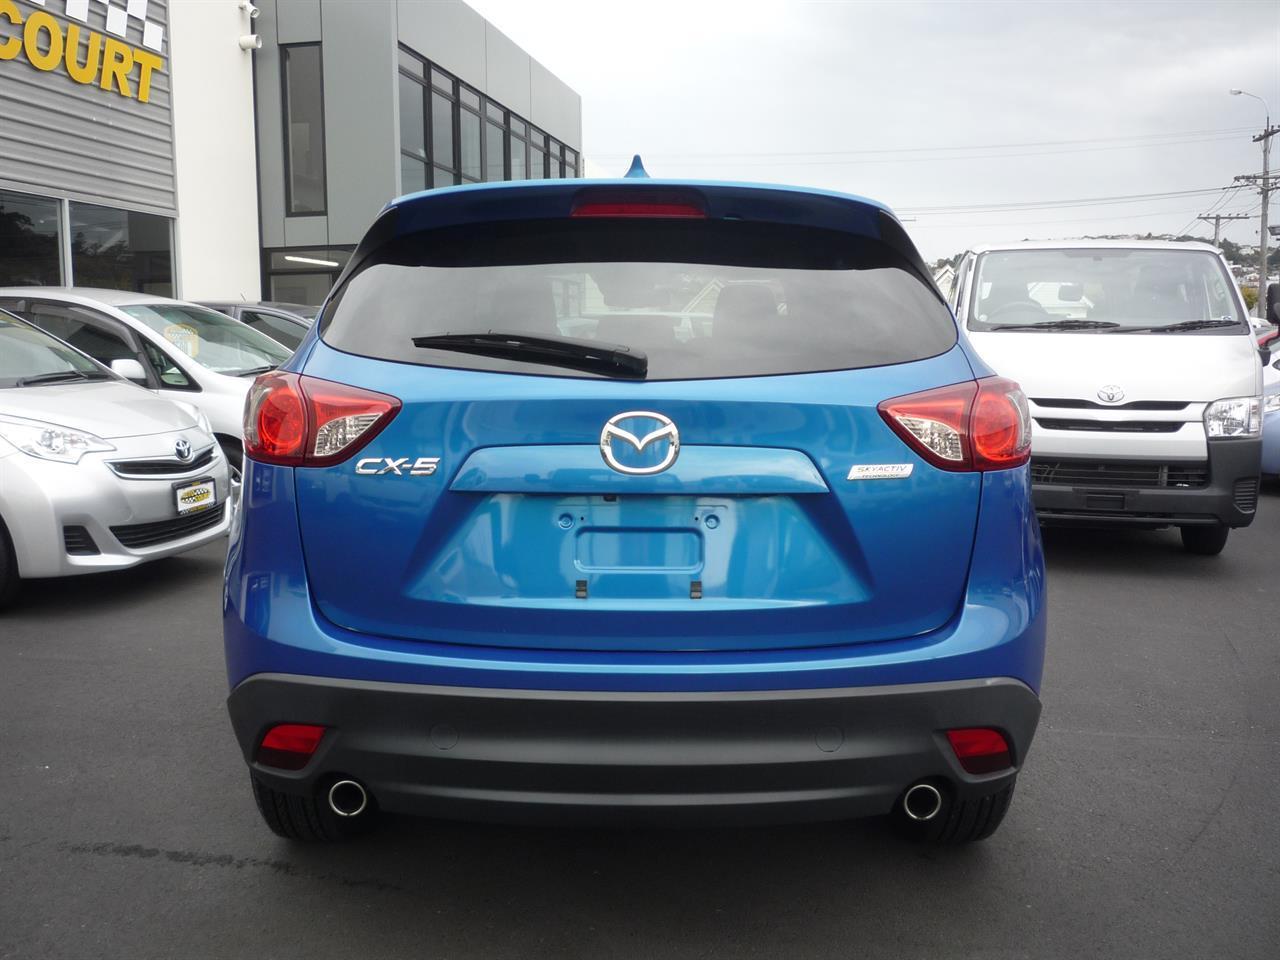 image-15, 2013 Mazda CX-5 XD-L 2WD at Dunedin